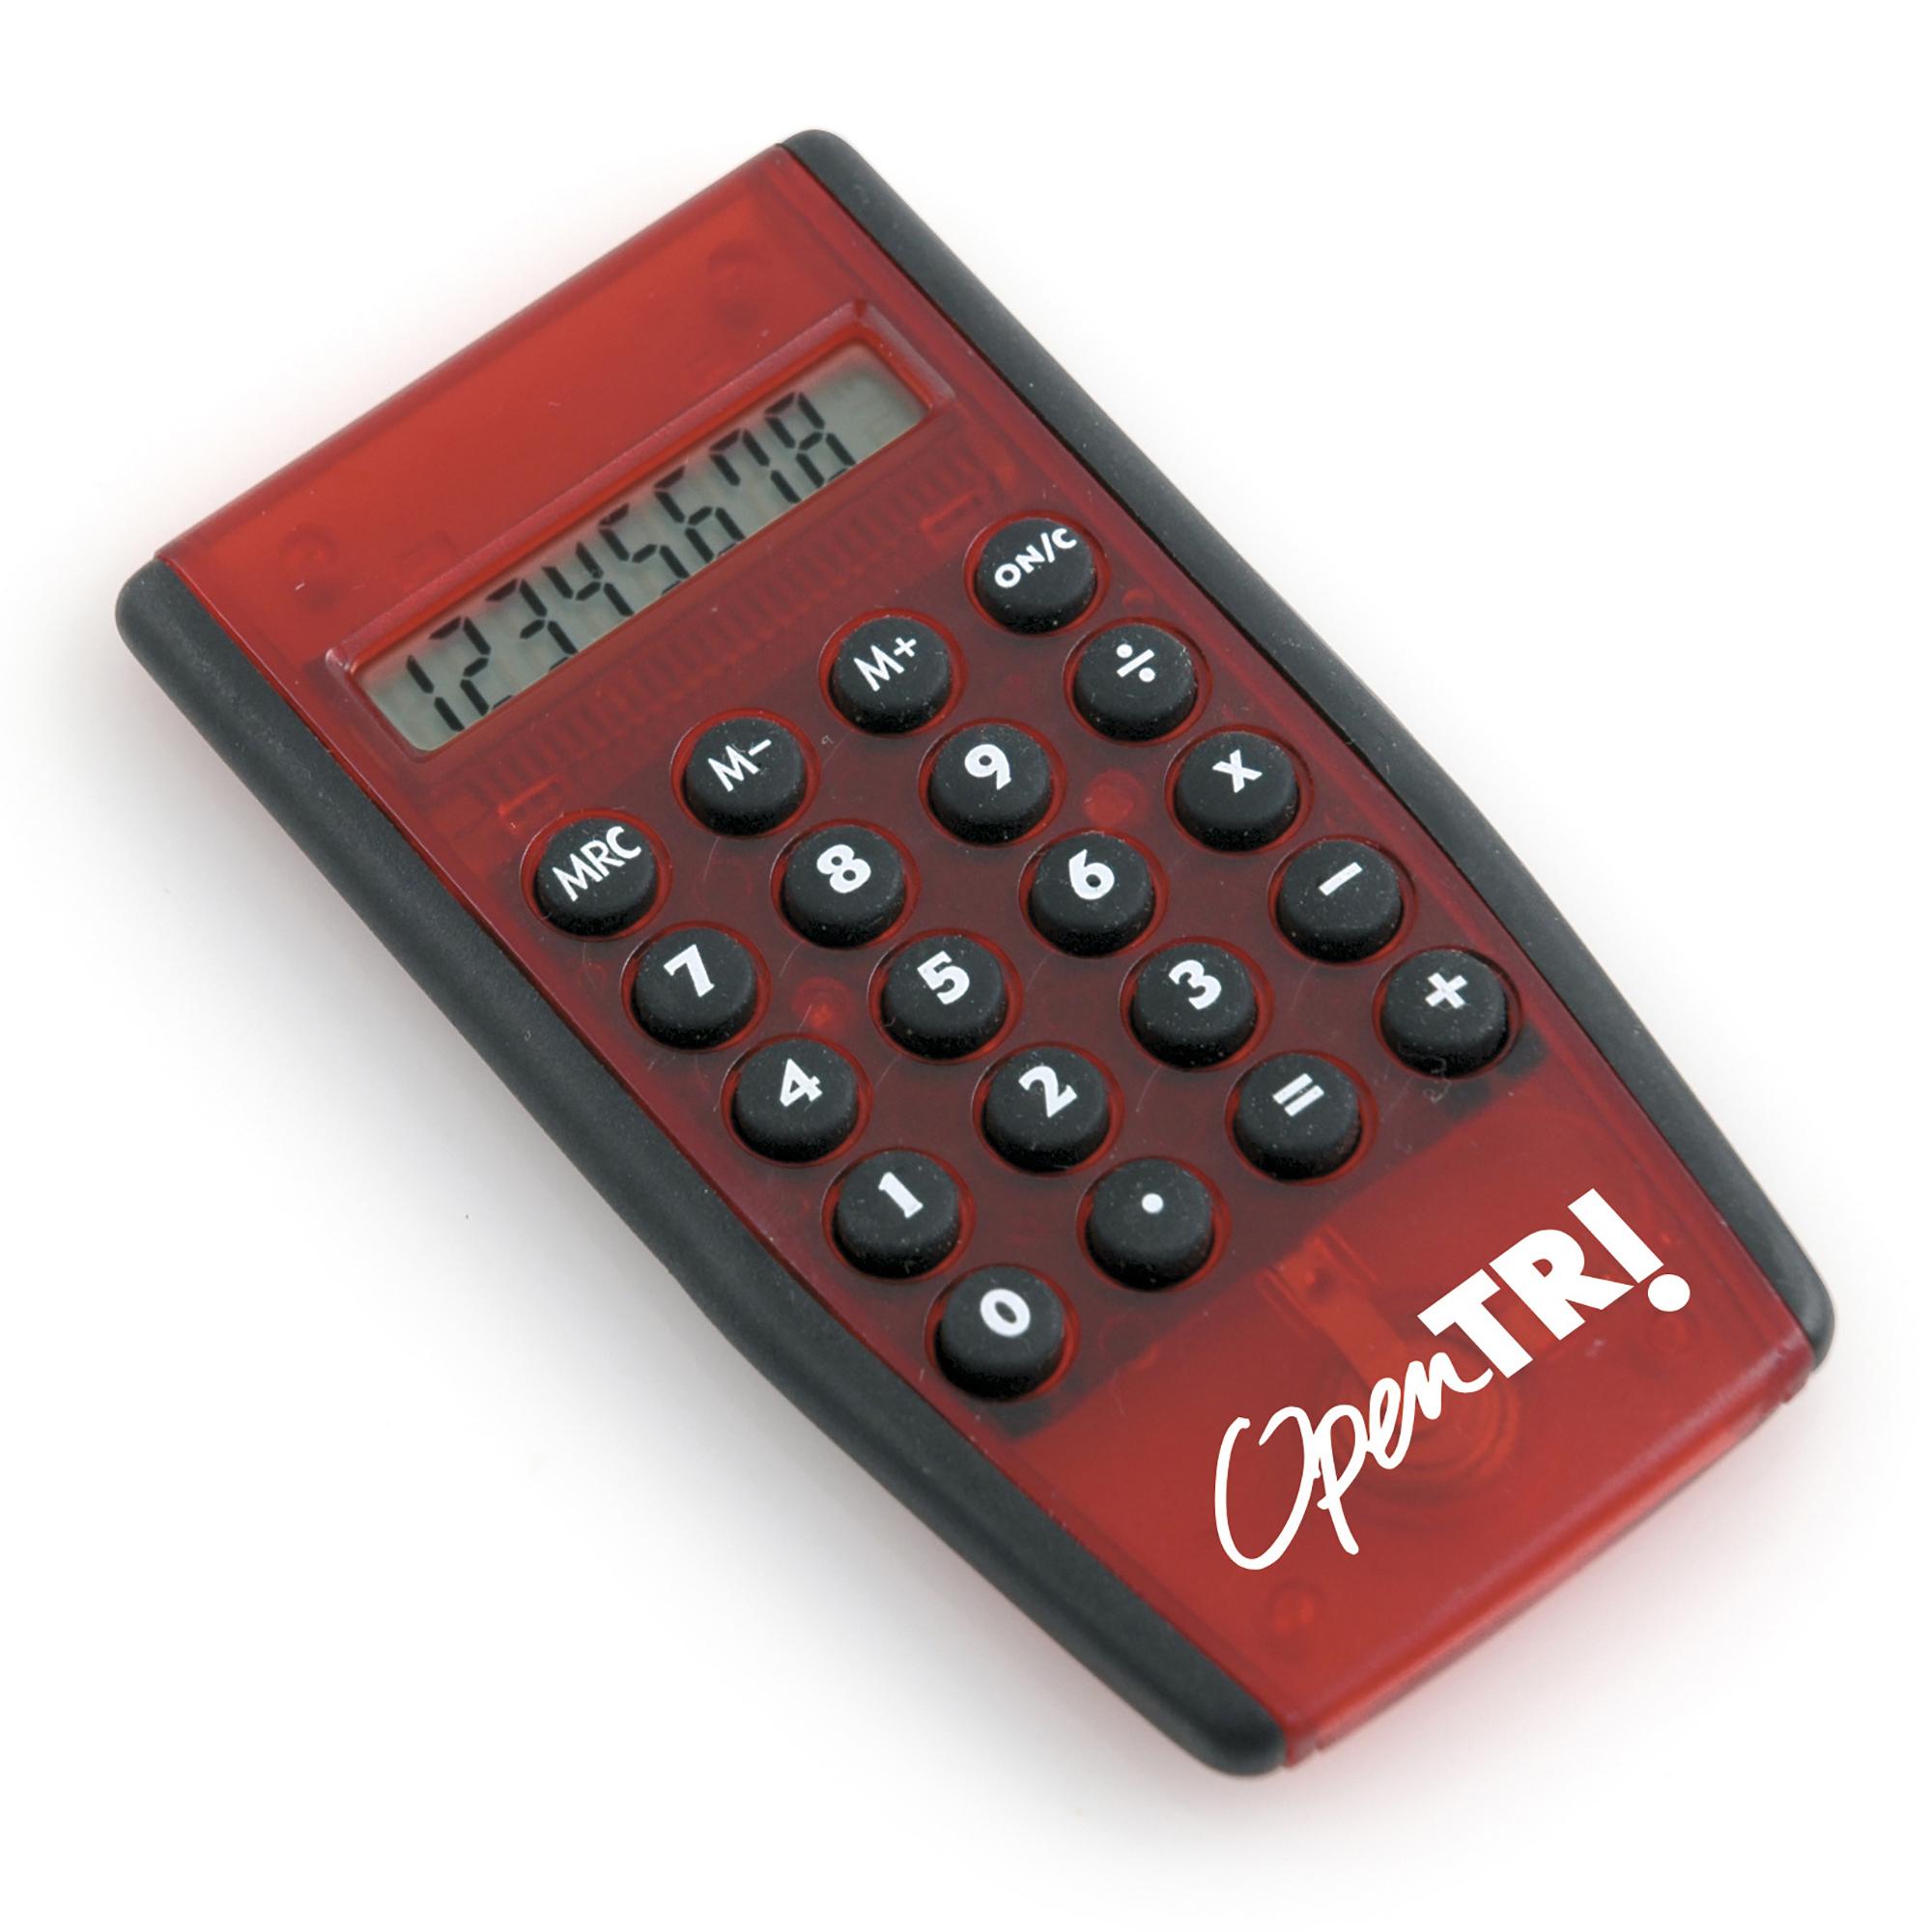 Branded Pythagoras Calculators